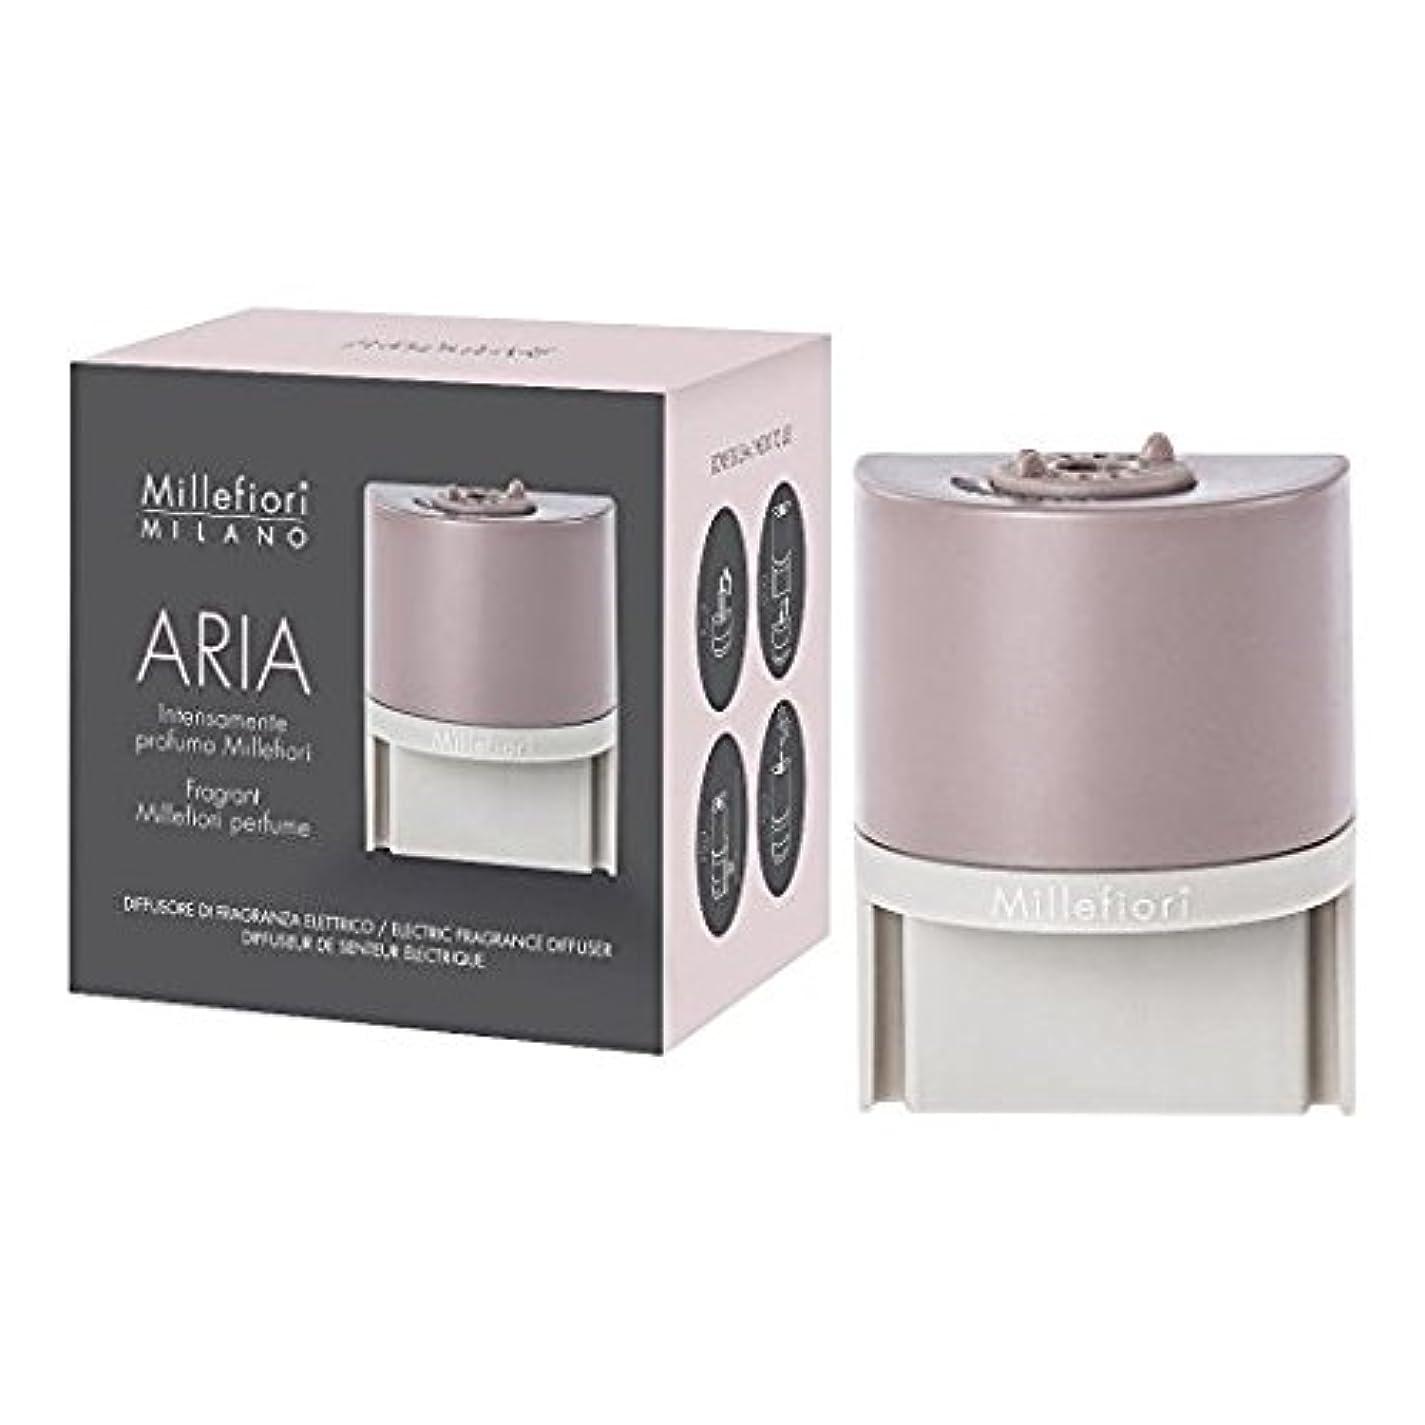 ロッドアジア人金額Millefiori ARIA 本体+リキッドセット プラグインディフューザー アロマ (コールドウォーター)